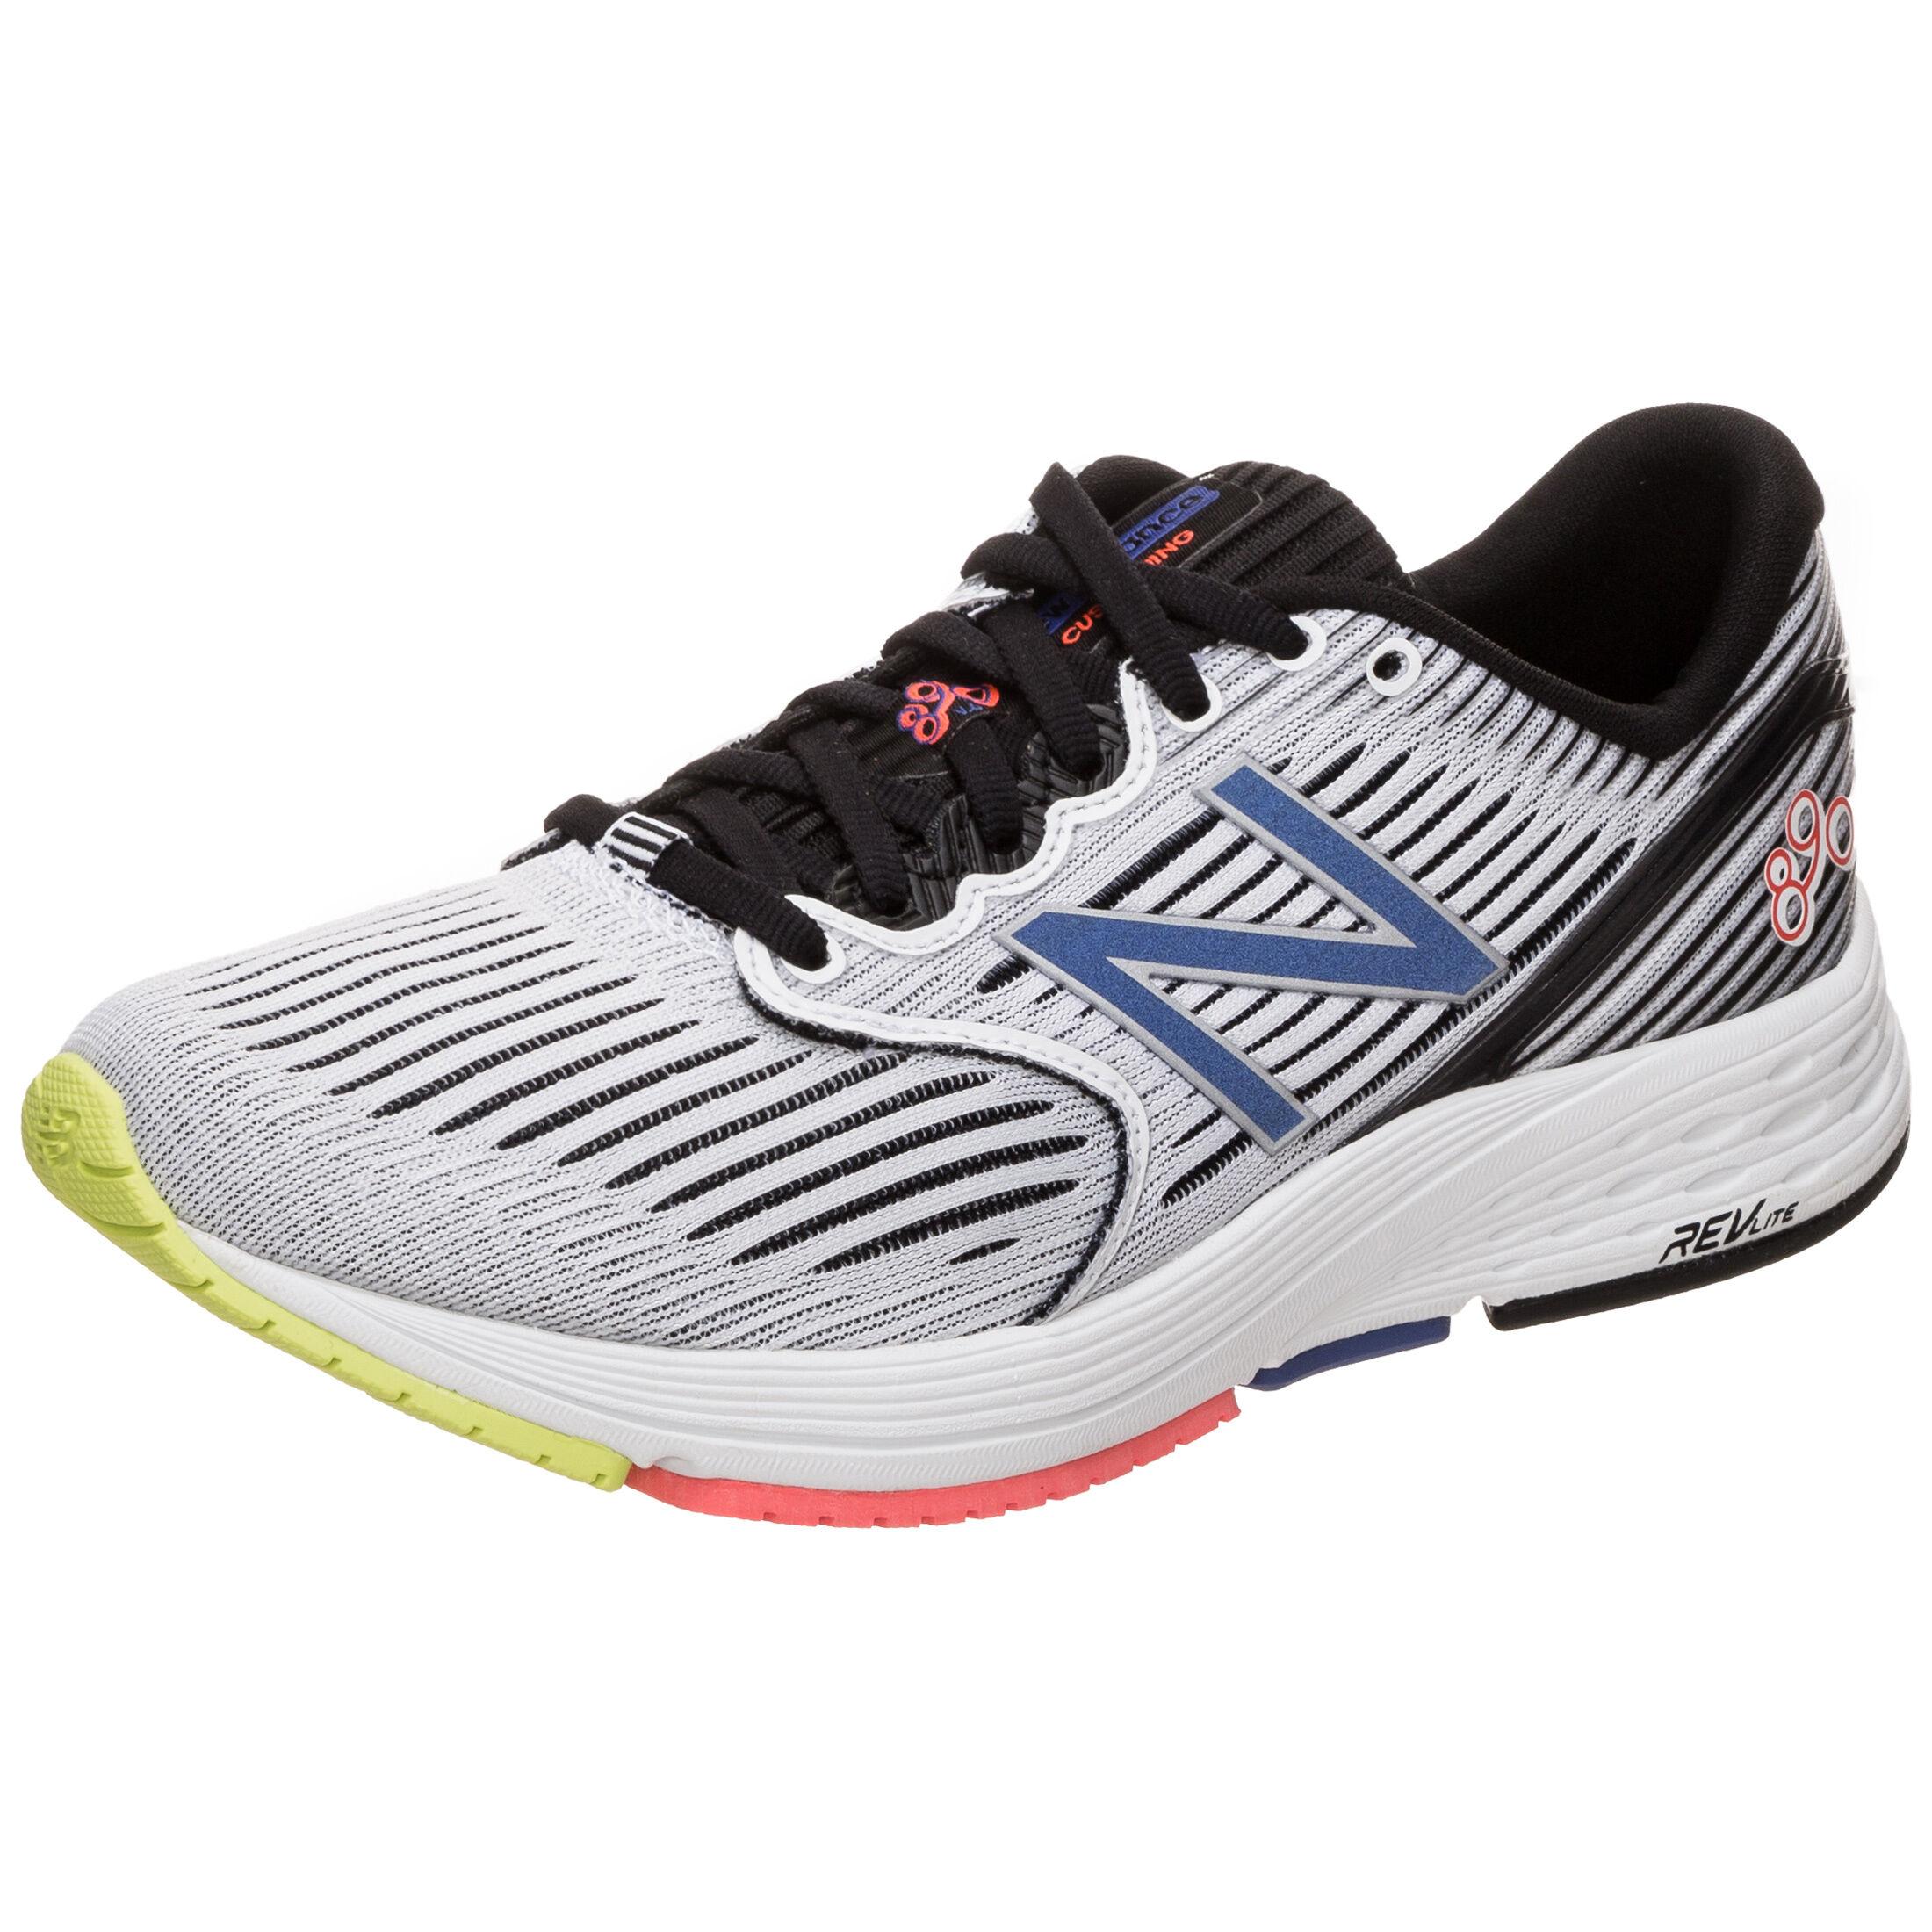 Road Schuhe kaufen New Balance | Laufschuhe bei OUTFITTER